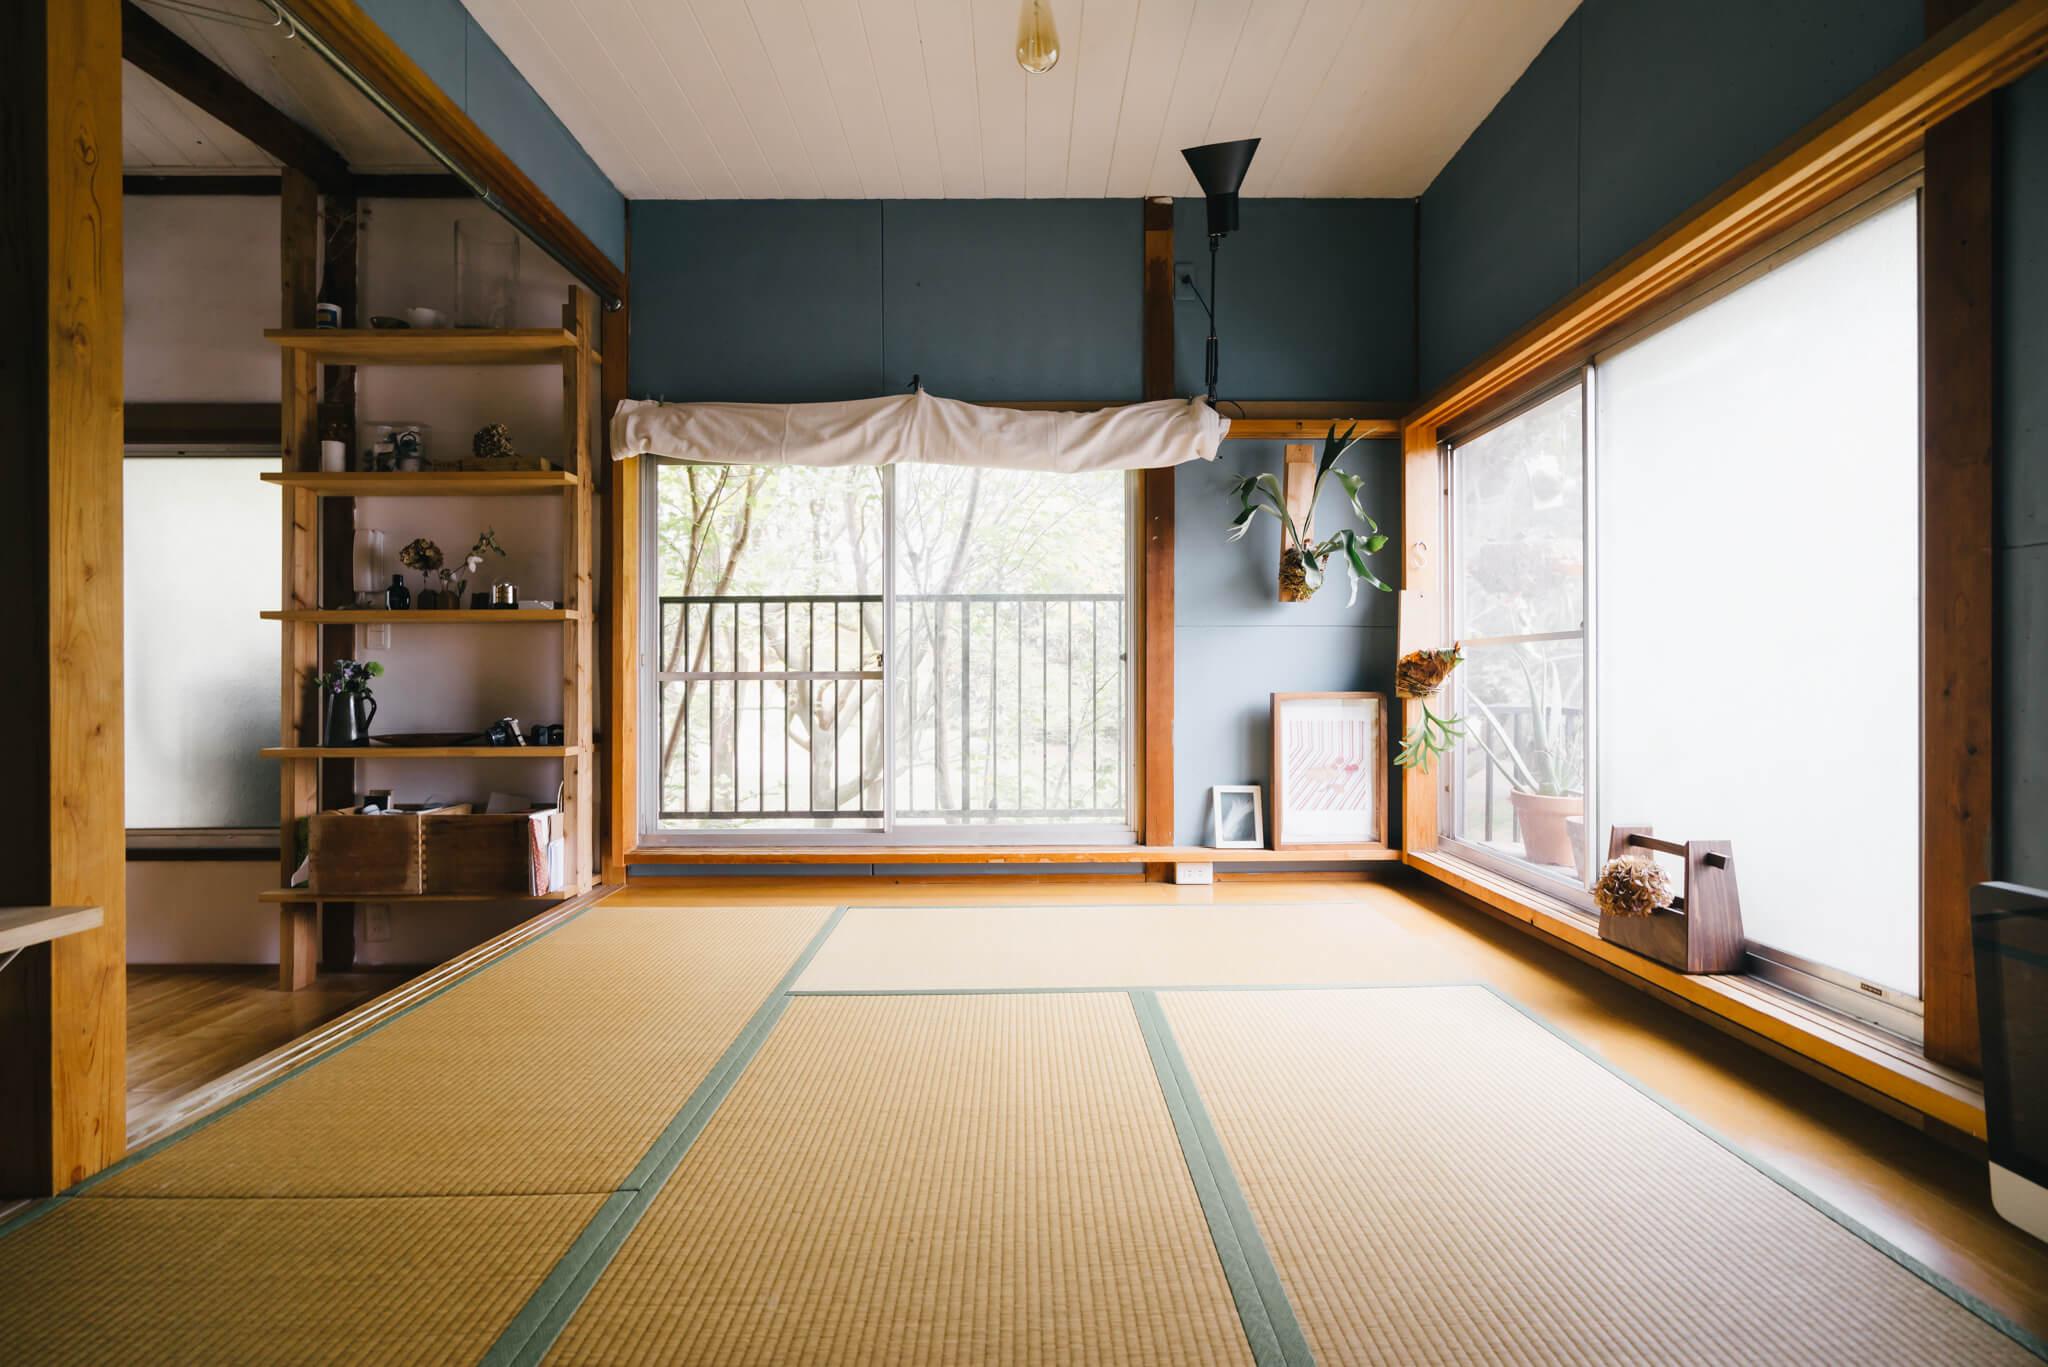 昼は客間として使い、夜はこちらにお布団を敷いて寝室に。